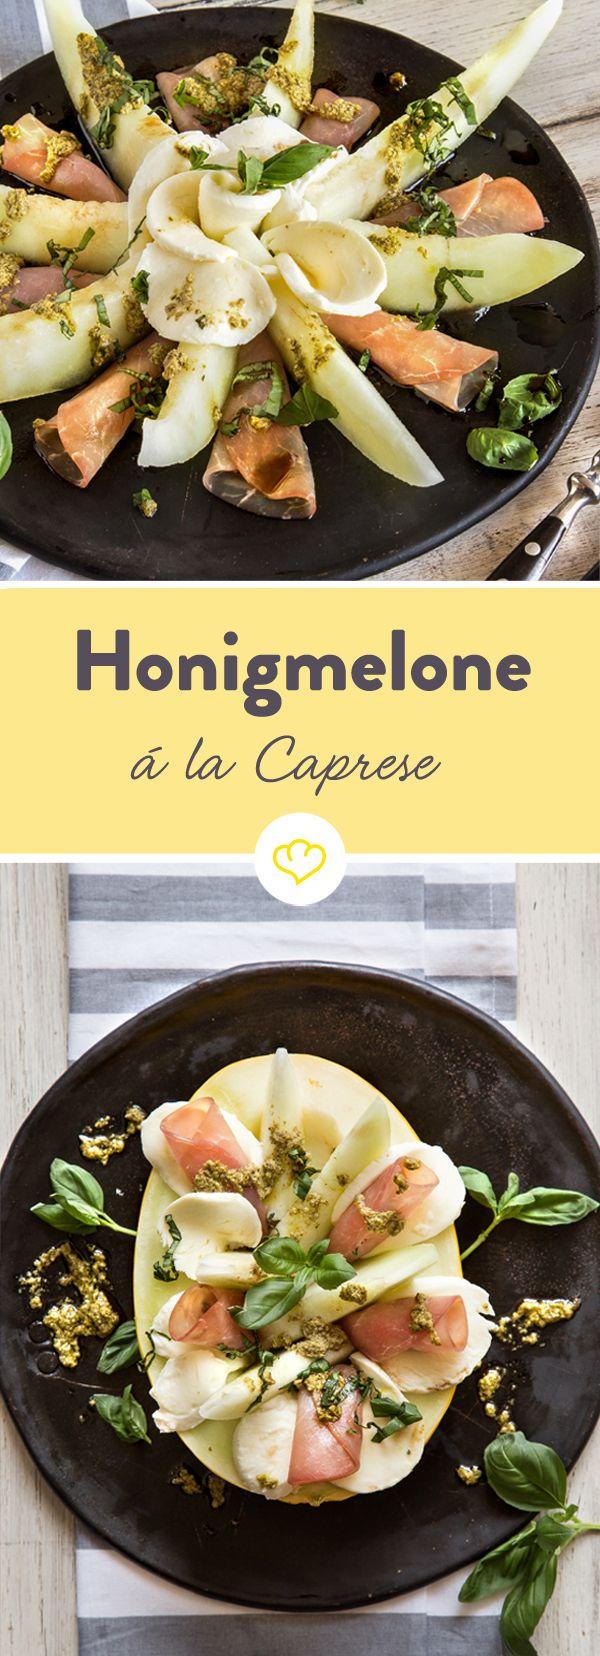 Die Kombi aus Honigemelone, Mozzarella, Schinken und frischem Basilikumpesto ist eine echte Allzweckwaffe für ein leichtes, erfrischendes Sommeressen.